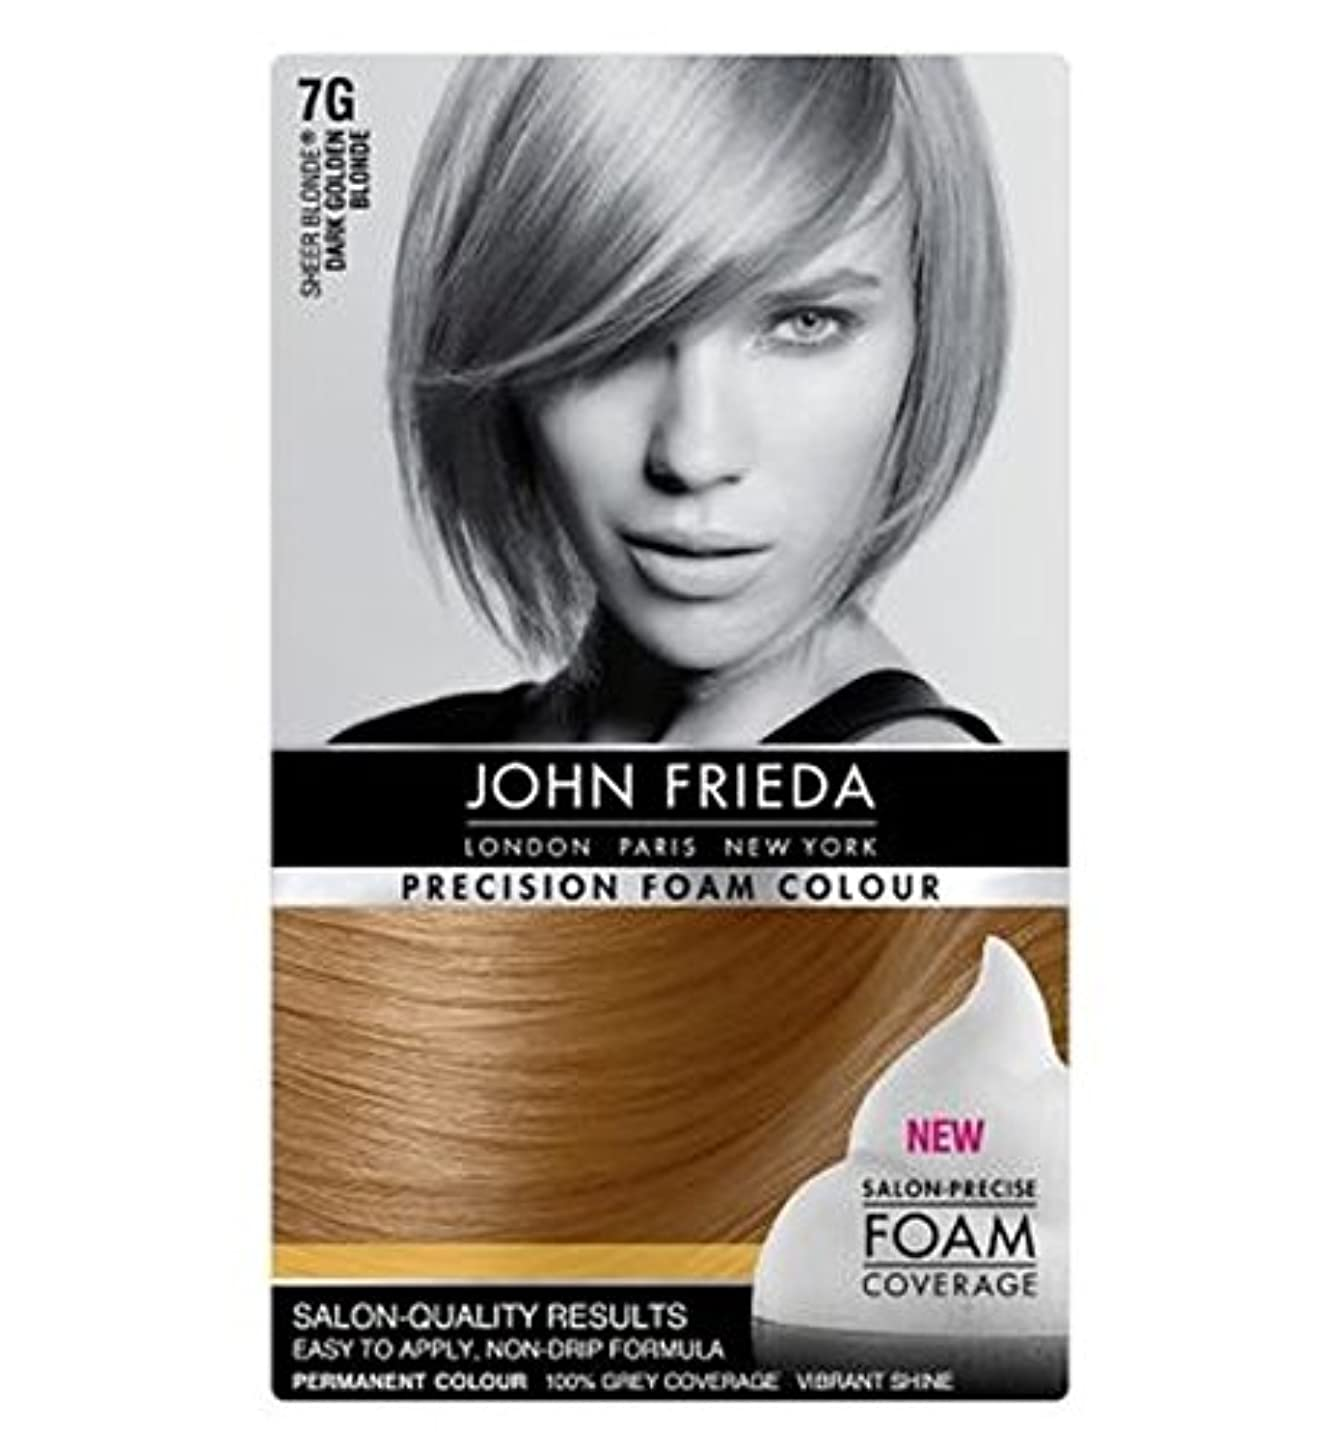 何もないホステス秀でるジョン?フリーダ精密泡カラー7グラムダークゴールデンブロンド (John Frieda) (x2) - John Frieda Precision Foam Colour 7G Dark Golden Blonde (Pack of 2) [並行輸入品]